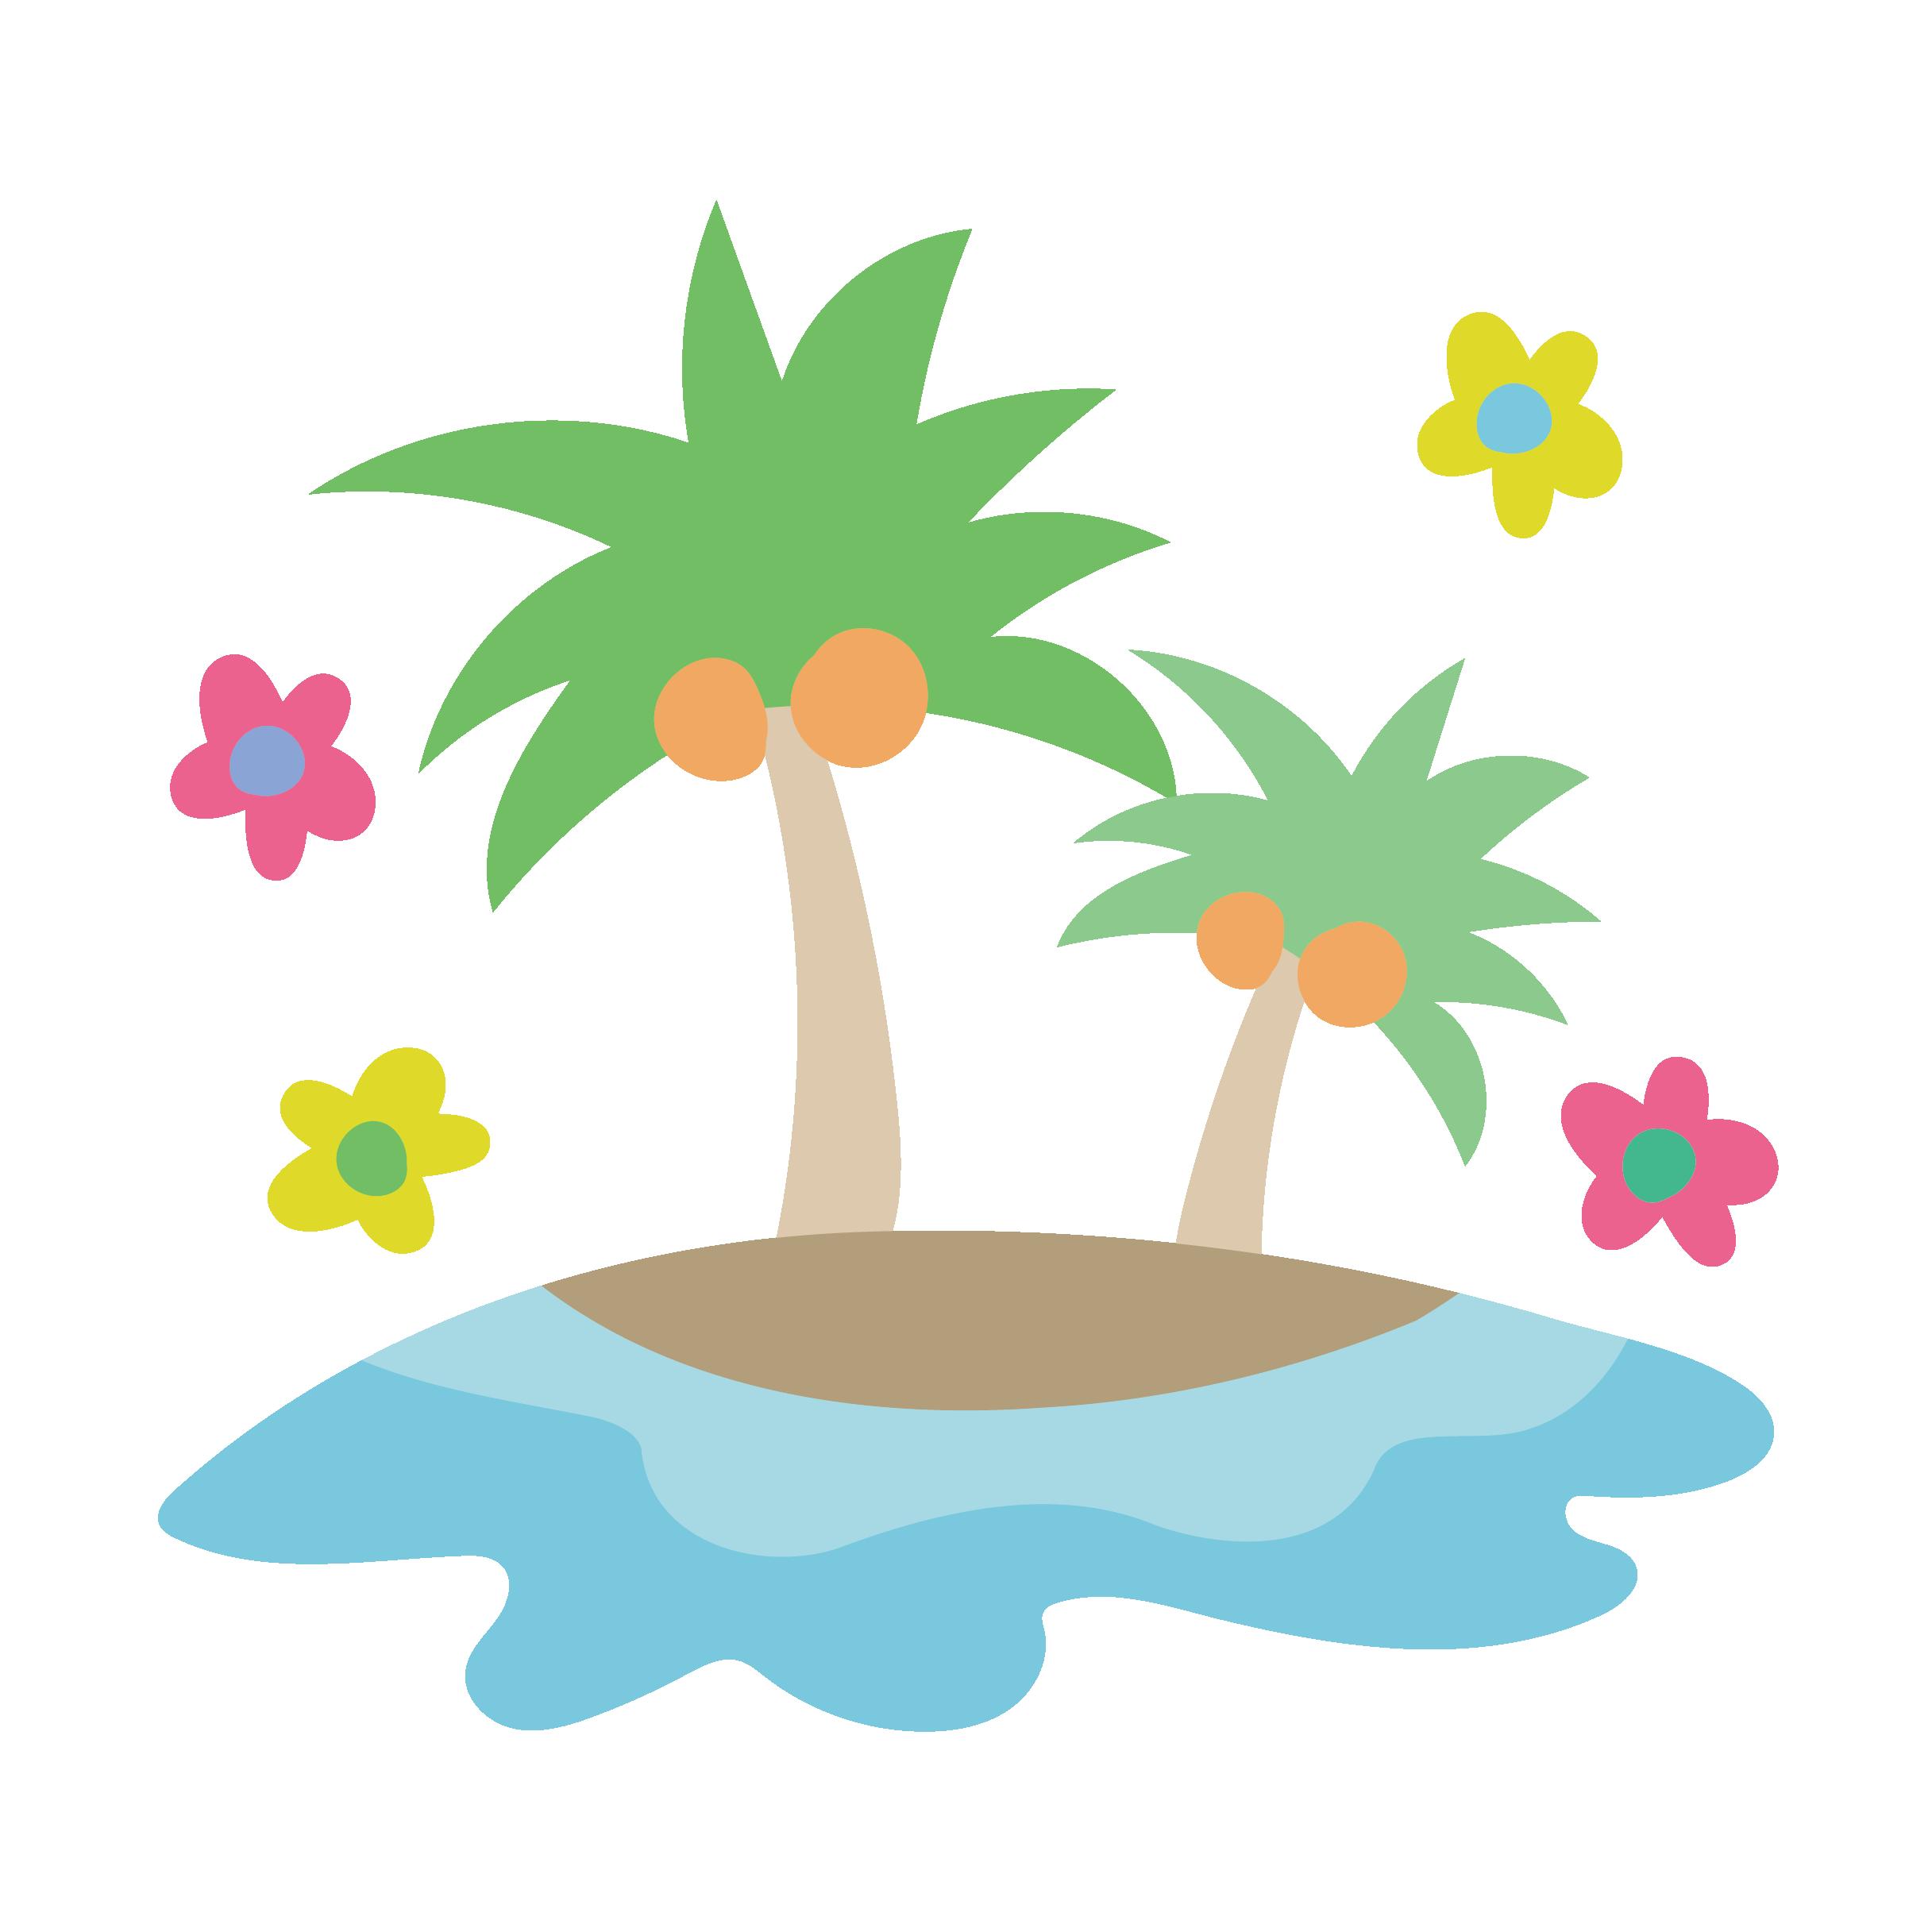 かわいいヤシの木の 無料 イラスト夏素材 商用フリー無料の